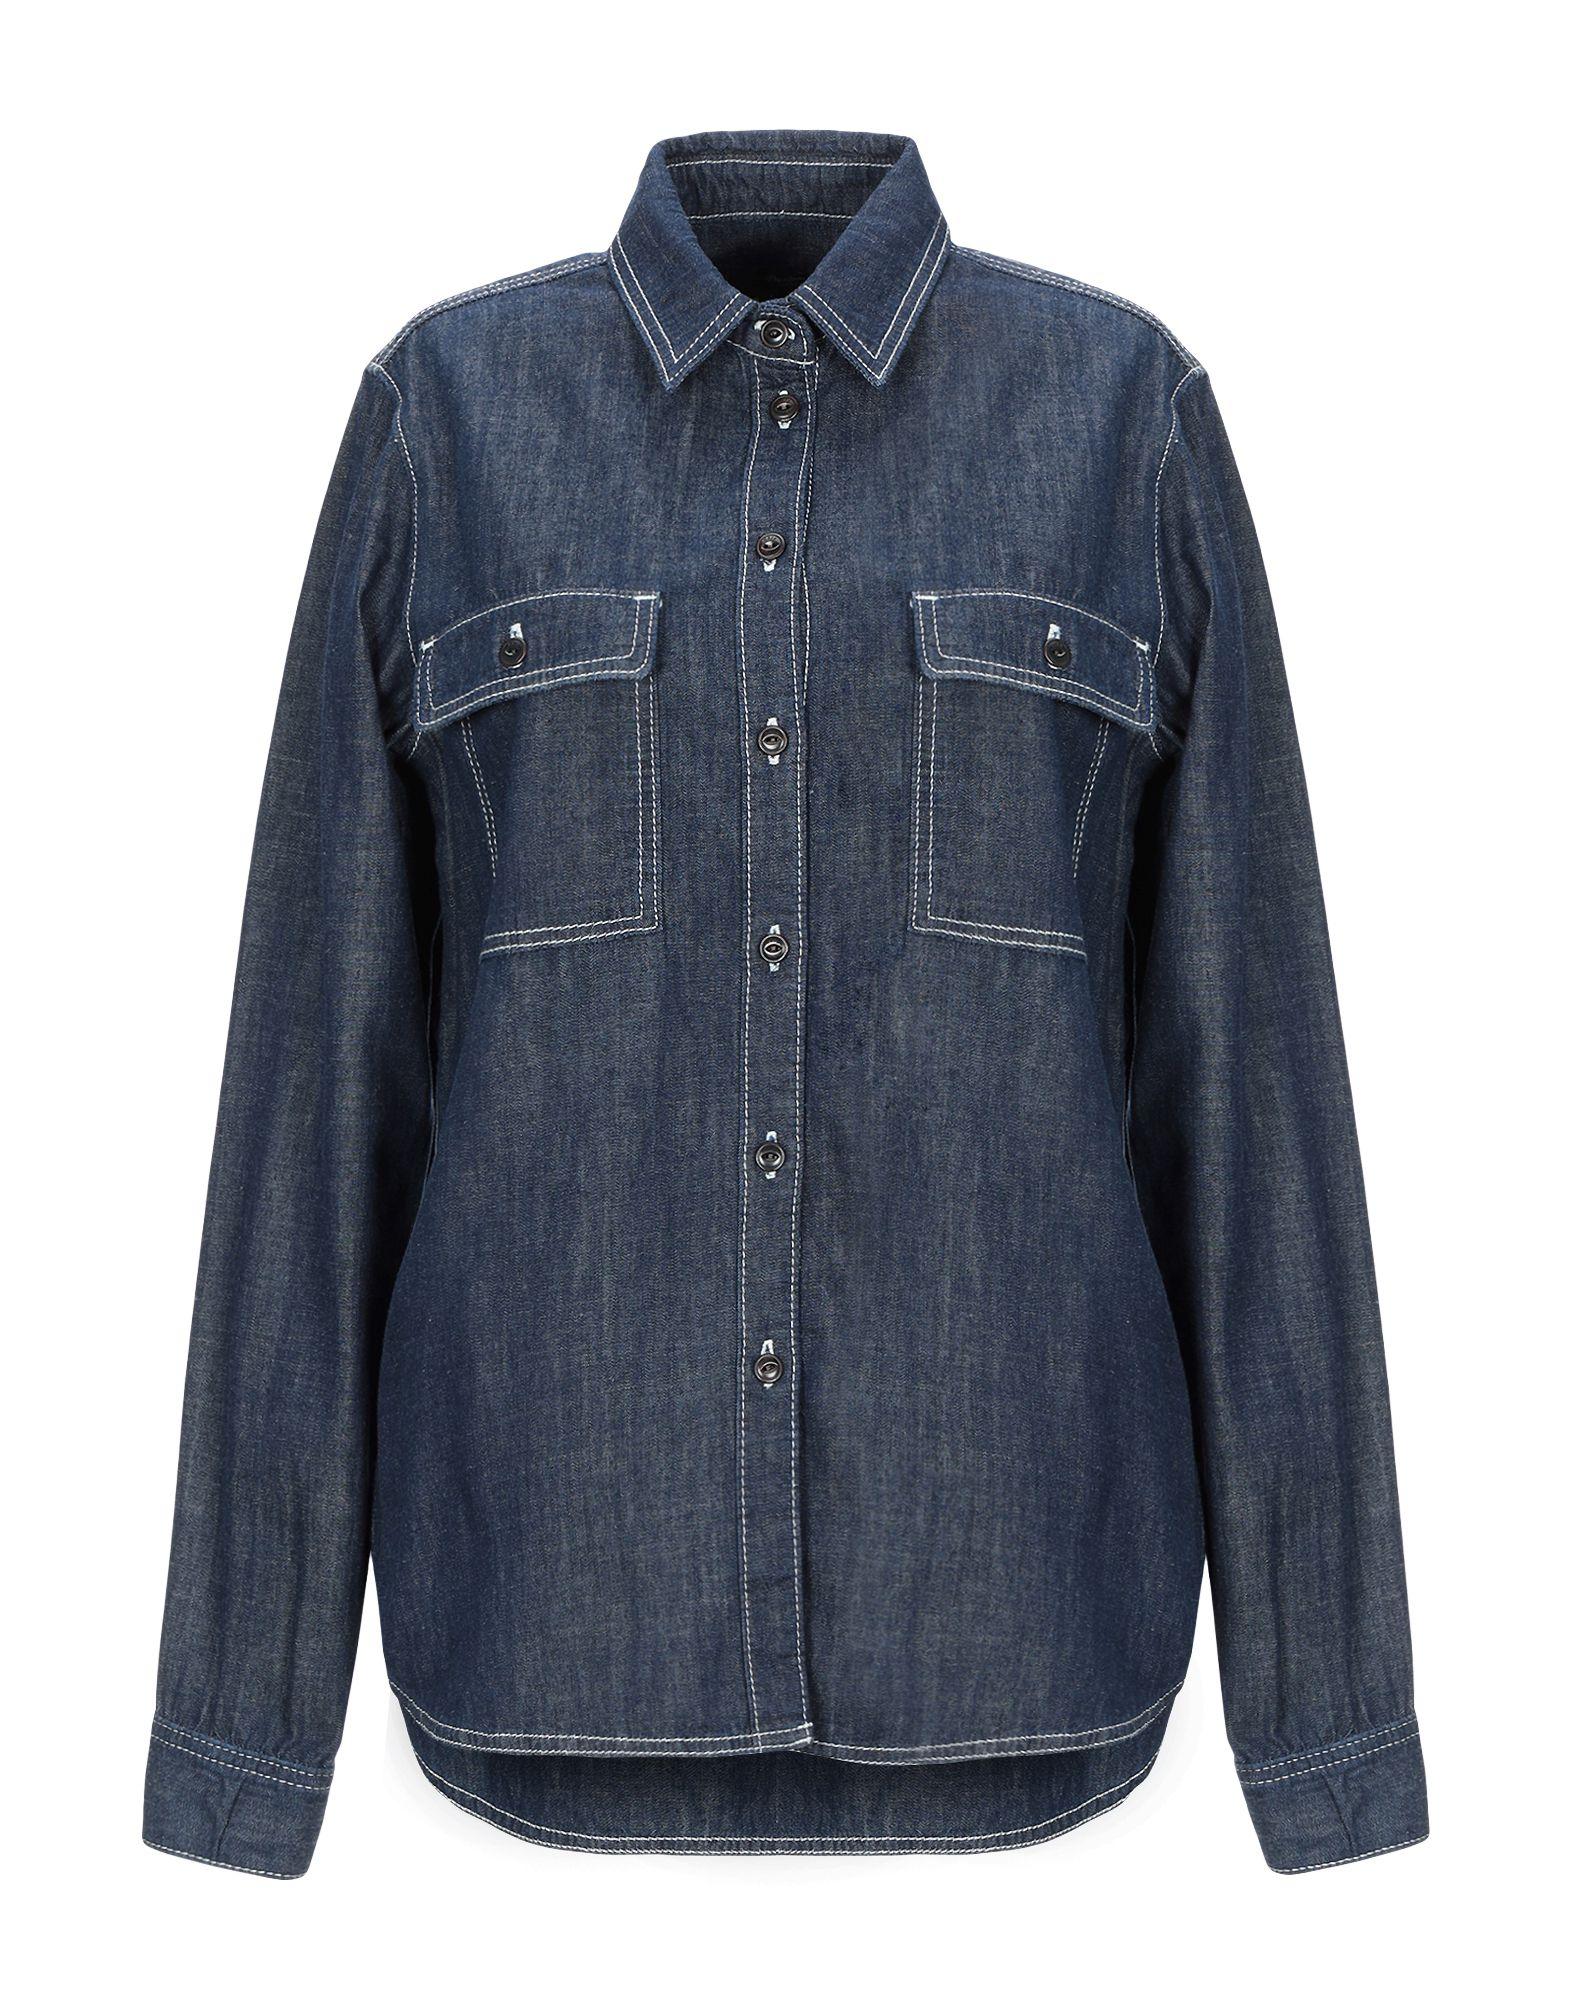 купить PEPE JEANS Джинсовая рубашка по цене 4350 рублей